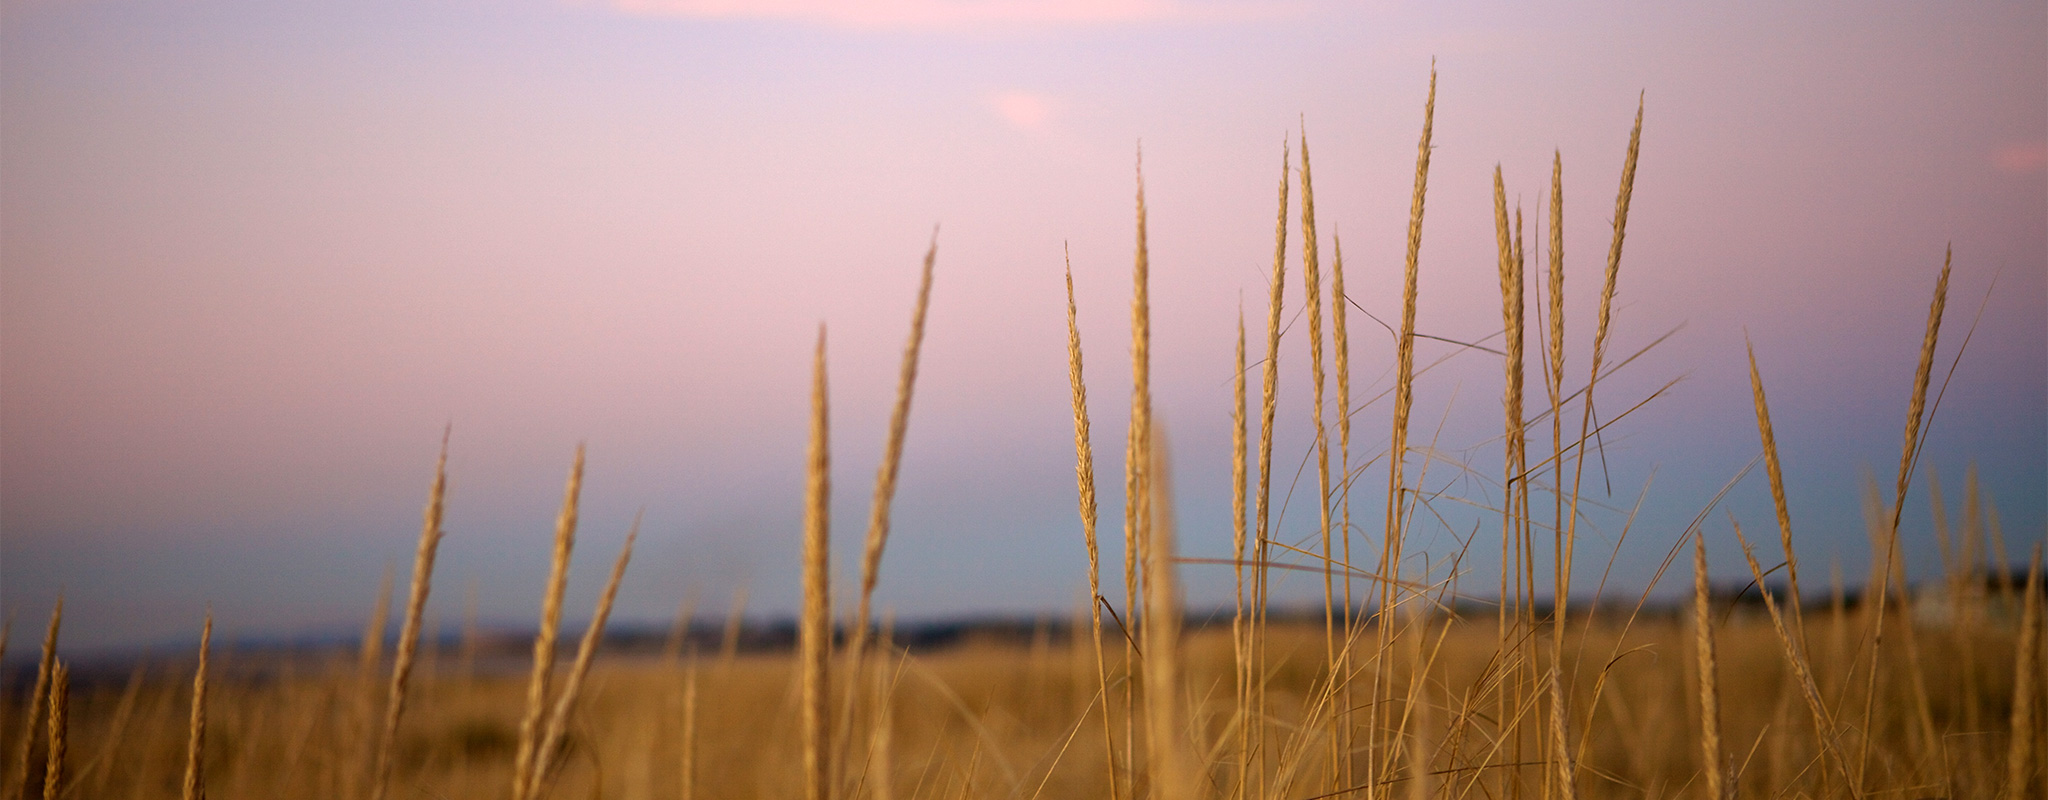 banner-cannonbeachphoto-Serene-Sand-Dune,-Yellow-Dune-Grass-original